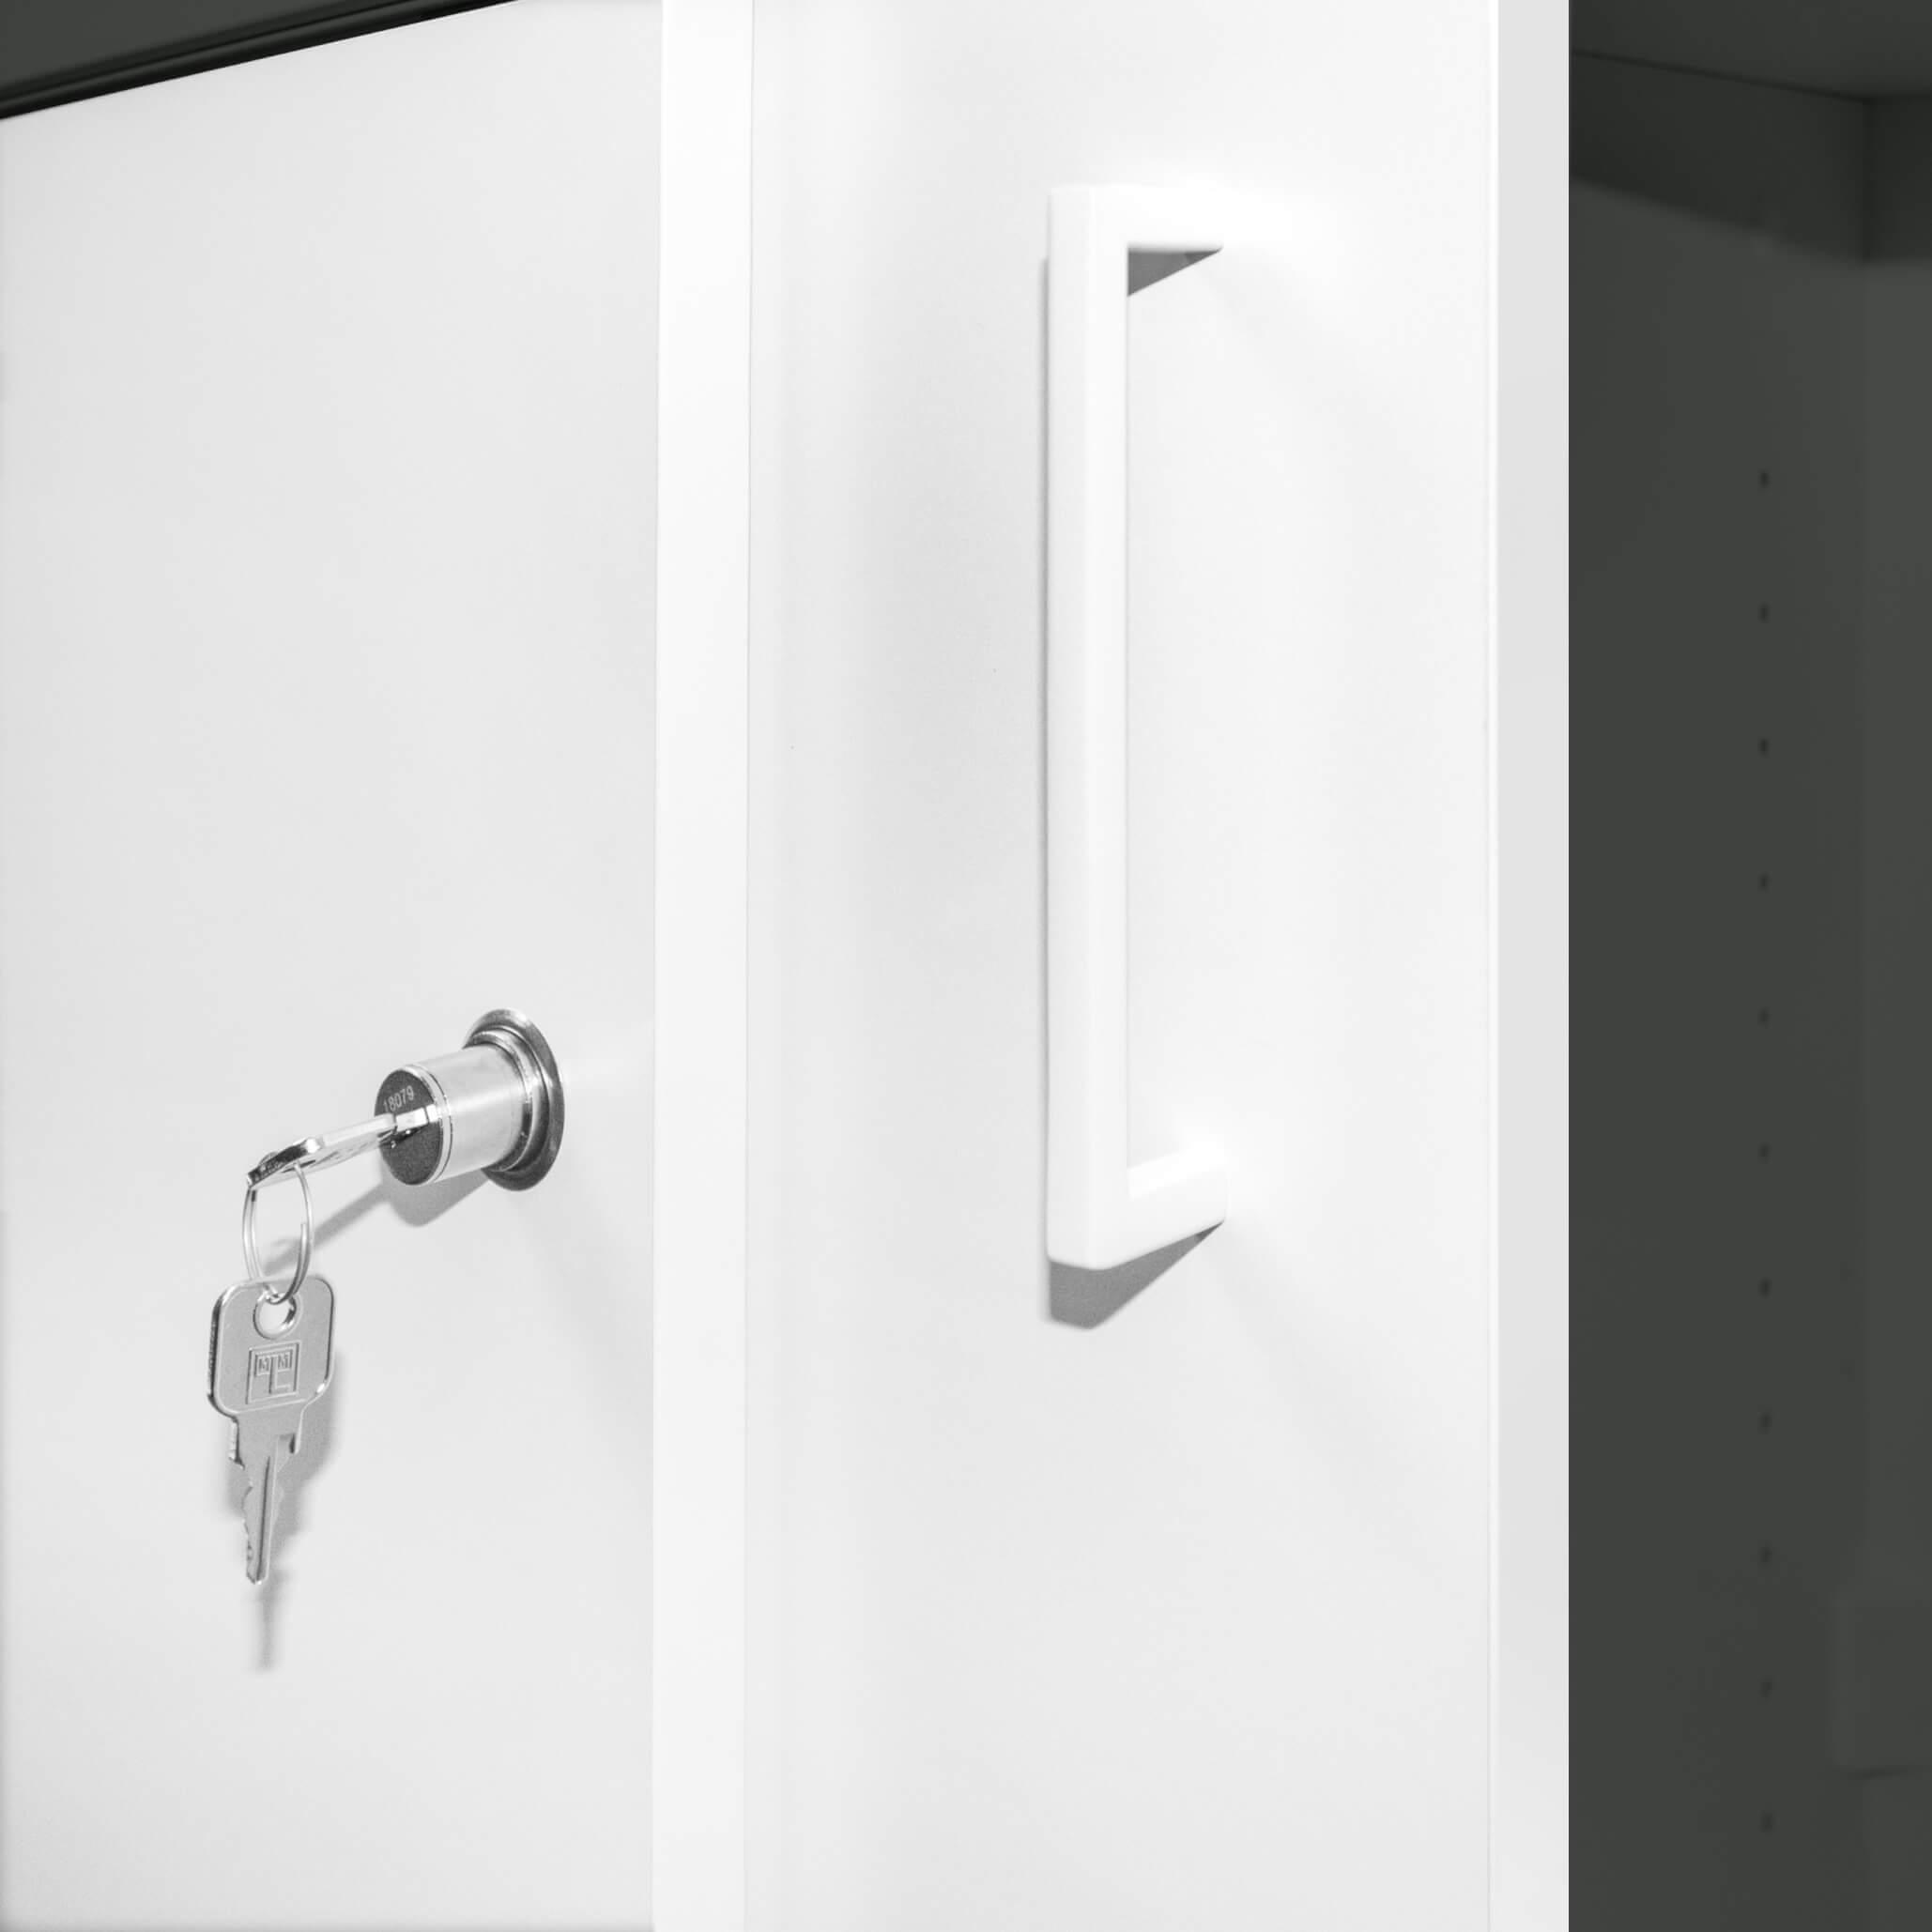 UNI Schiebetürenschrank 1 Meter breit abschließbar 2OH Weiß-Anthrazit Büroschrank